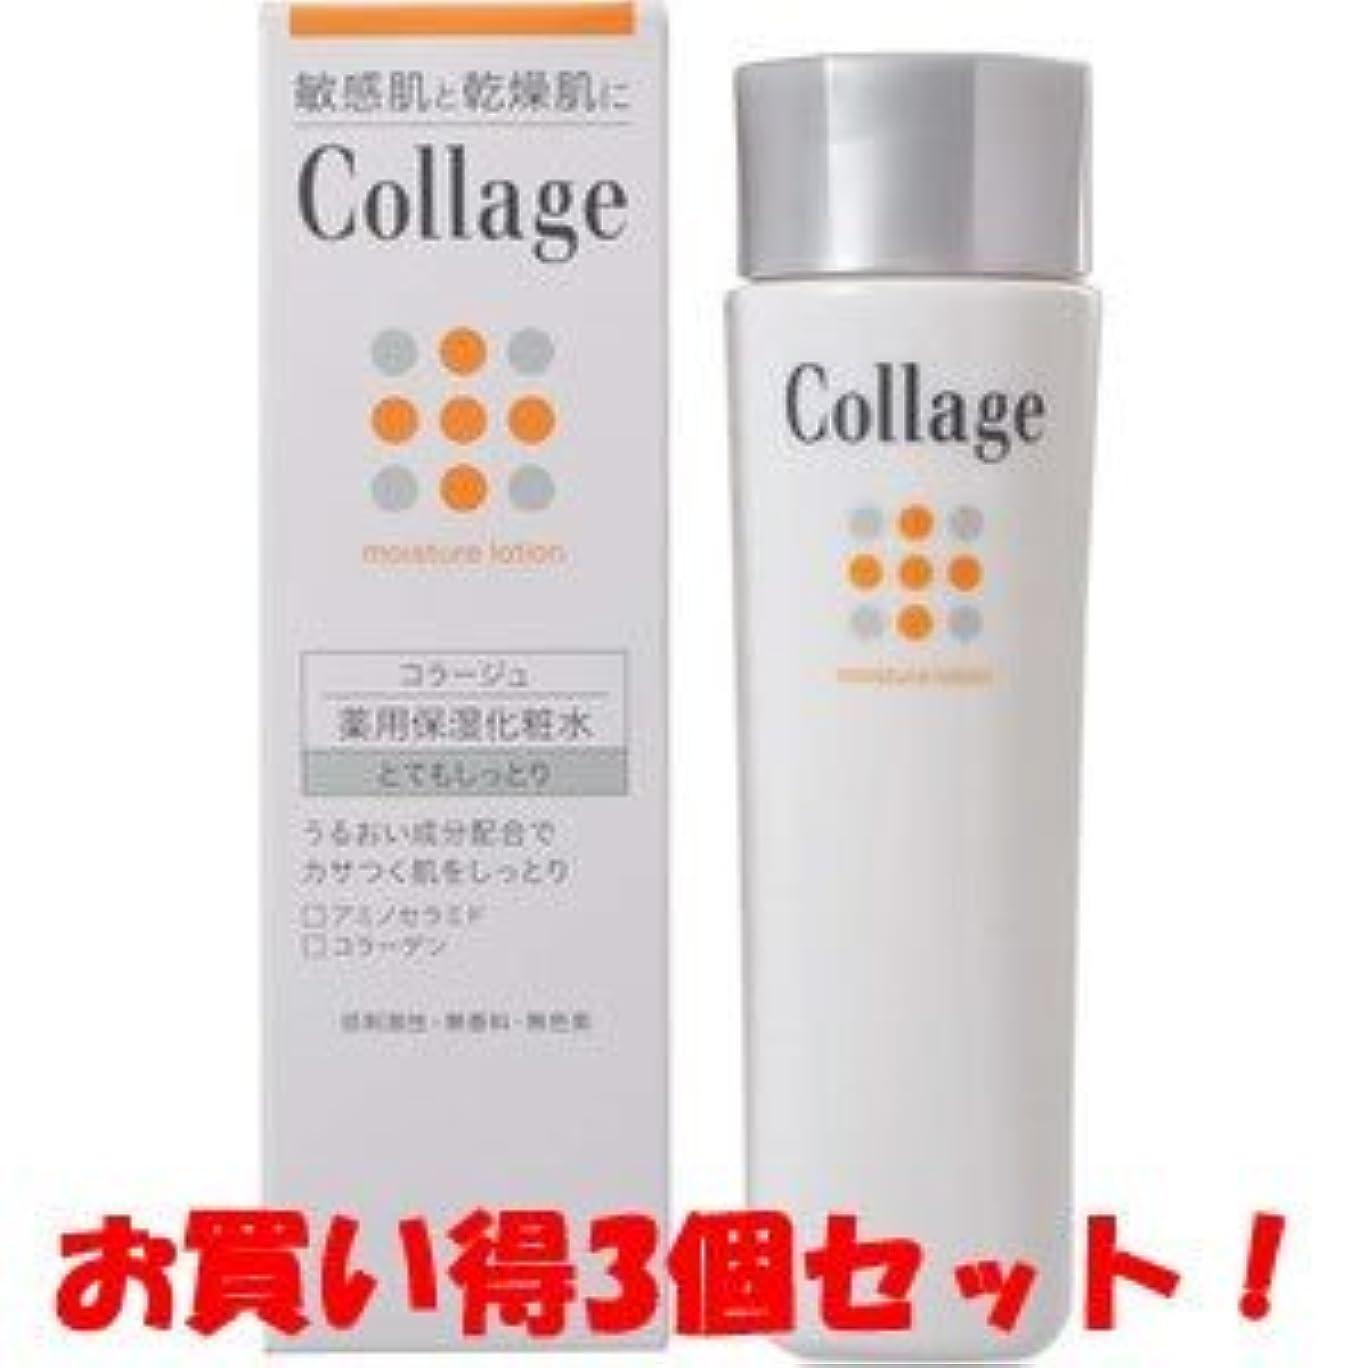 容赦ない眉テナント(持田ヘルスケア)コラージュ 薬用保湿化粧水 とてもしっとり 120ml(医薬部外品)(お買い得3個セット)